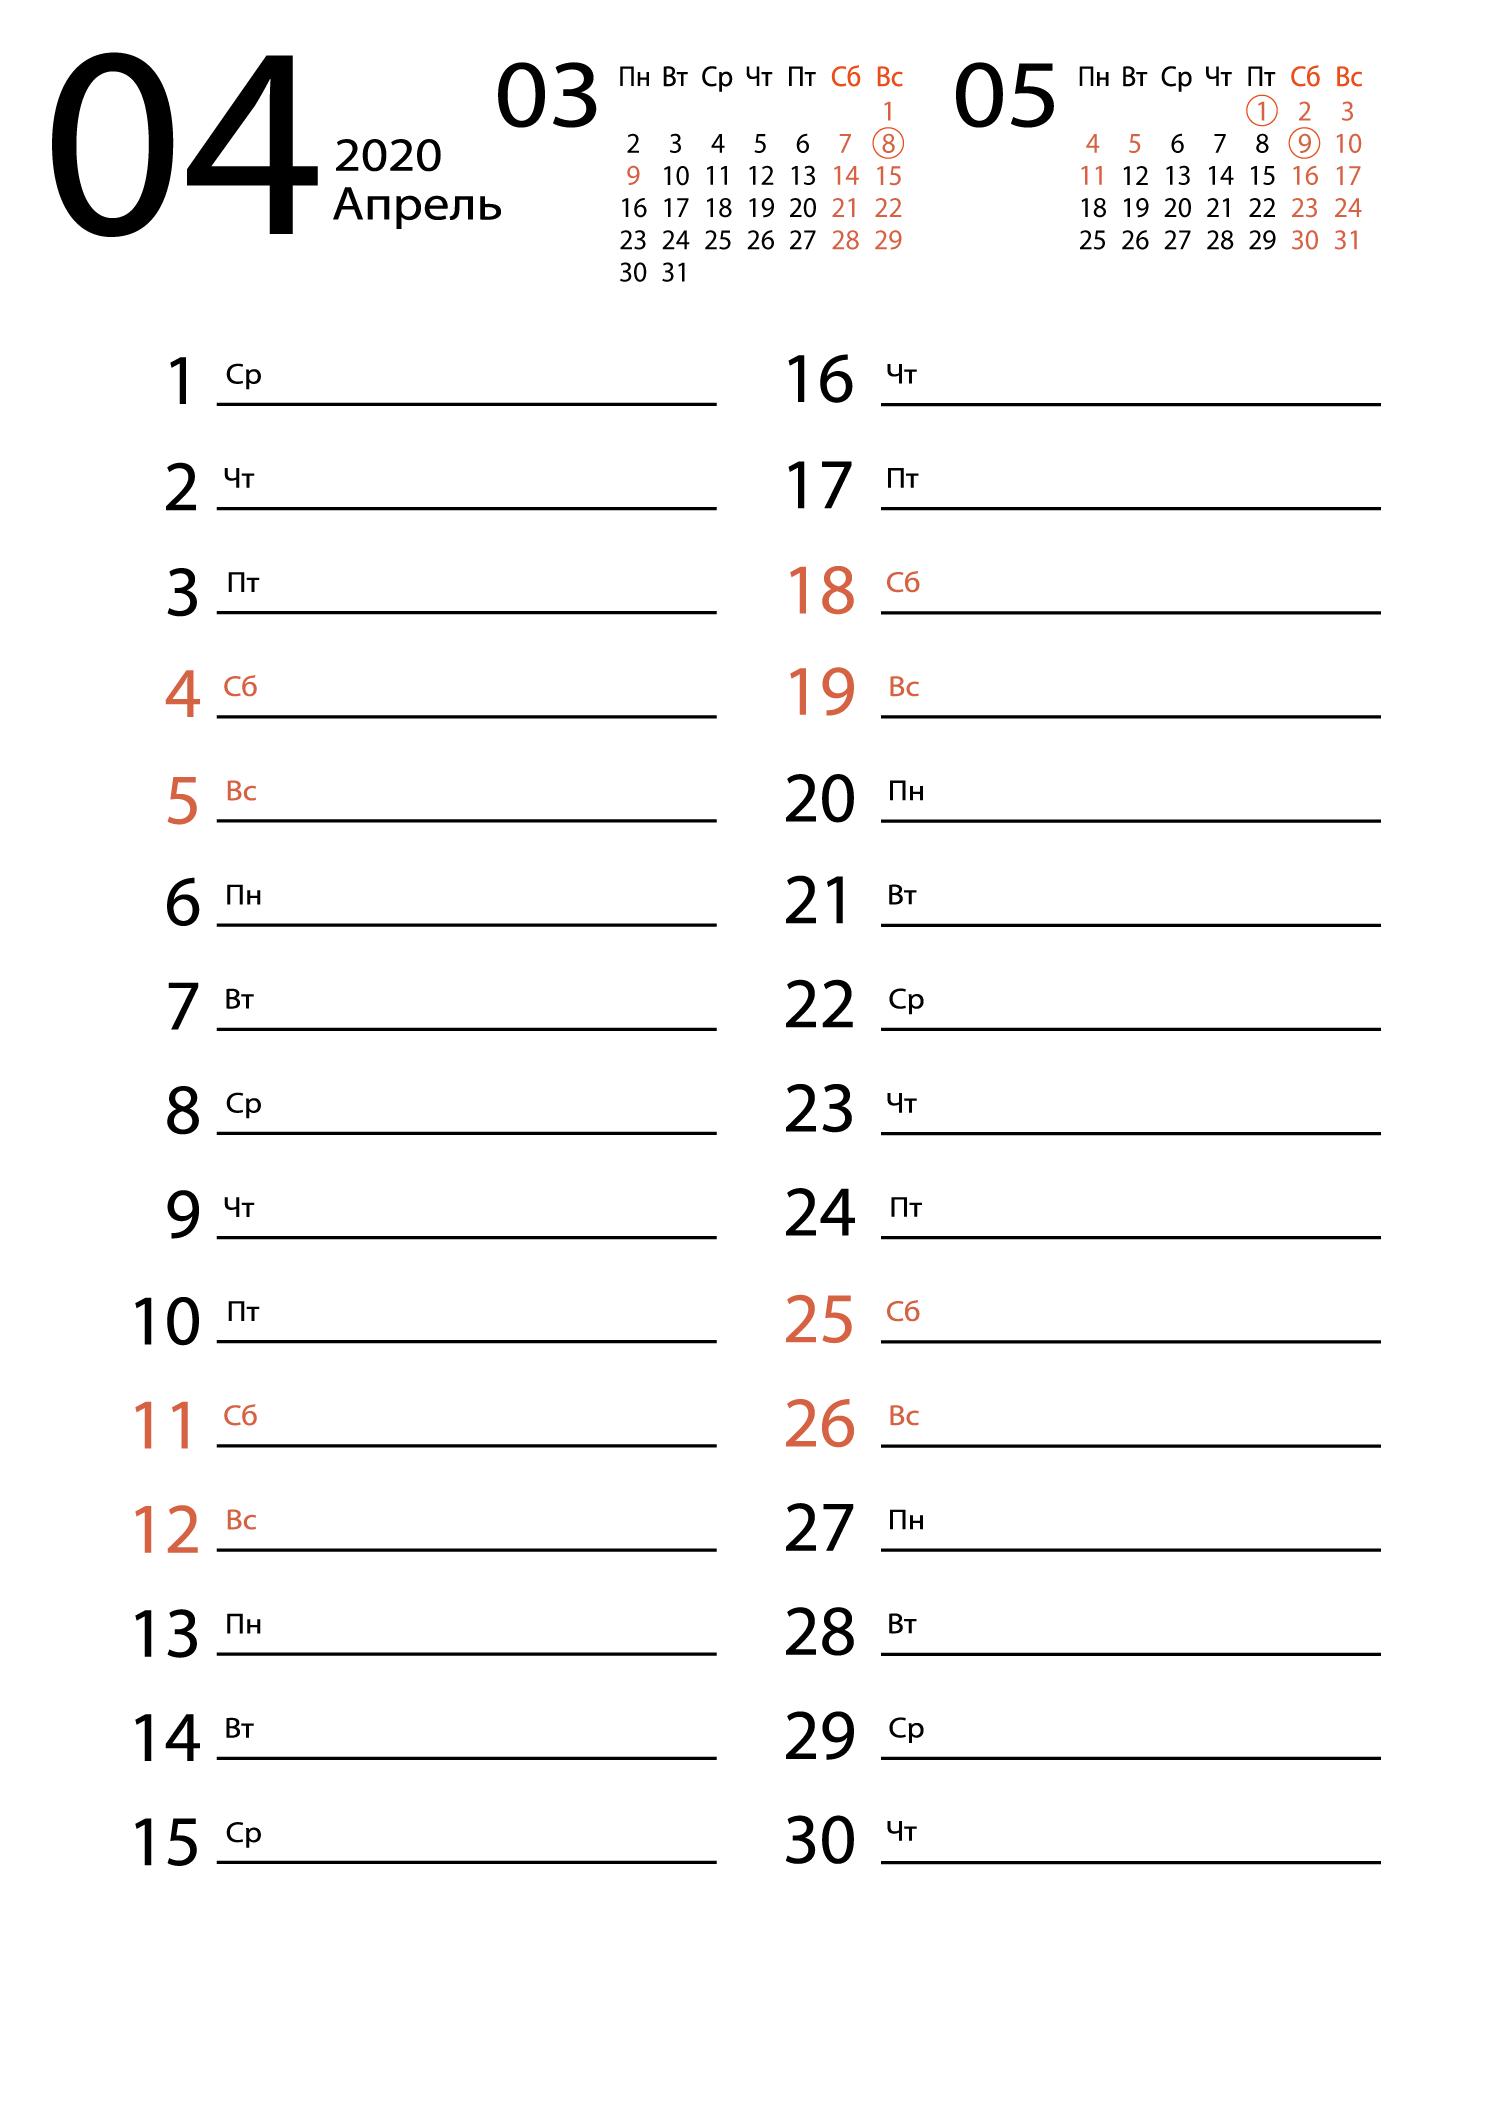 Печать календаря на апрель 2020 для заметок